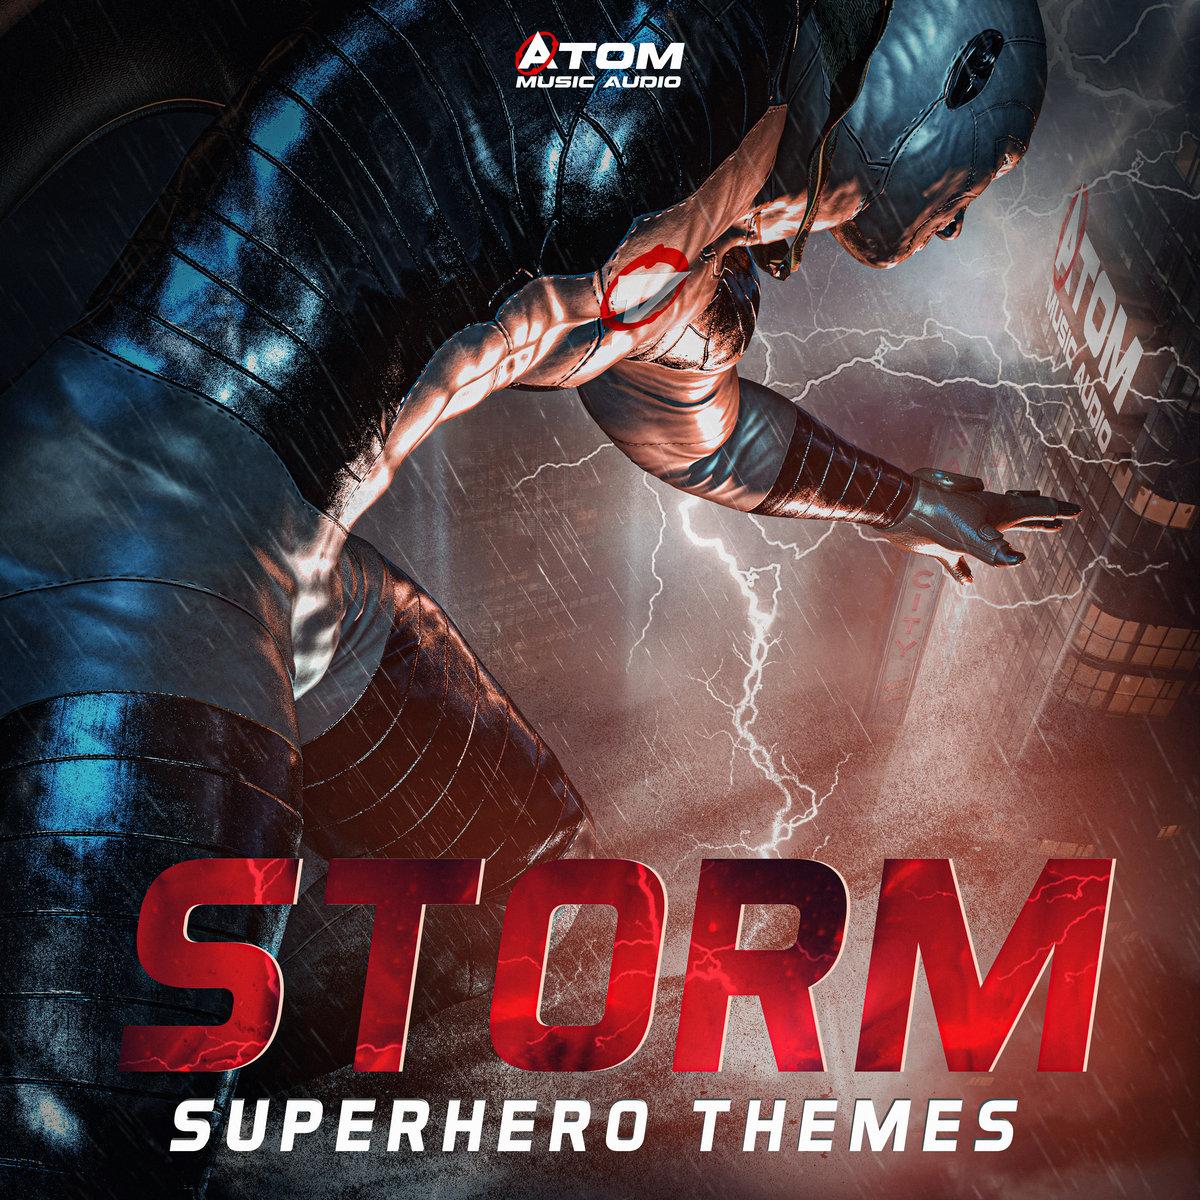 دانلود آلبوم موسیقی Storm: Superhero Themes توسط Atom Music Audio